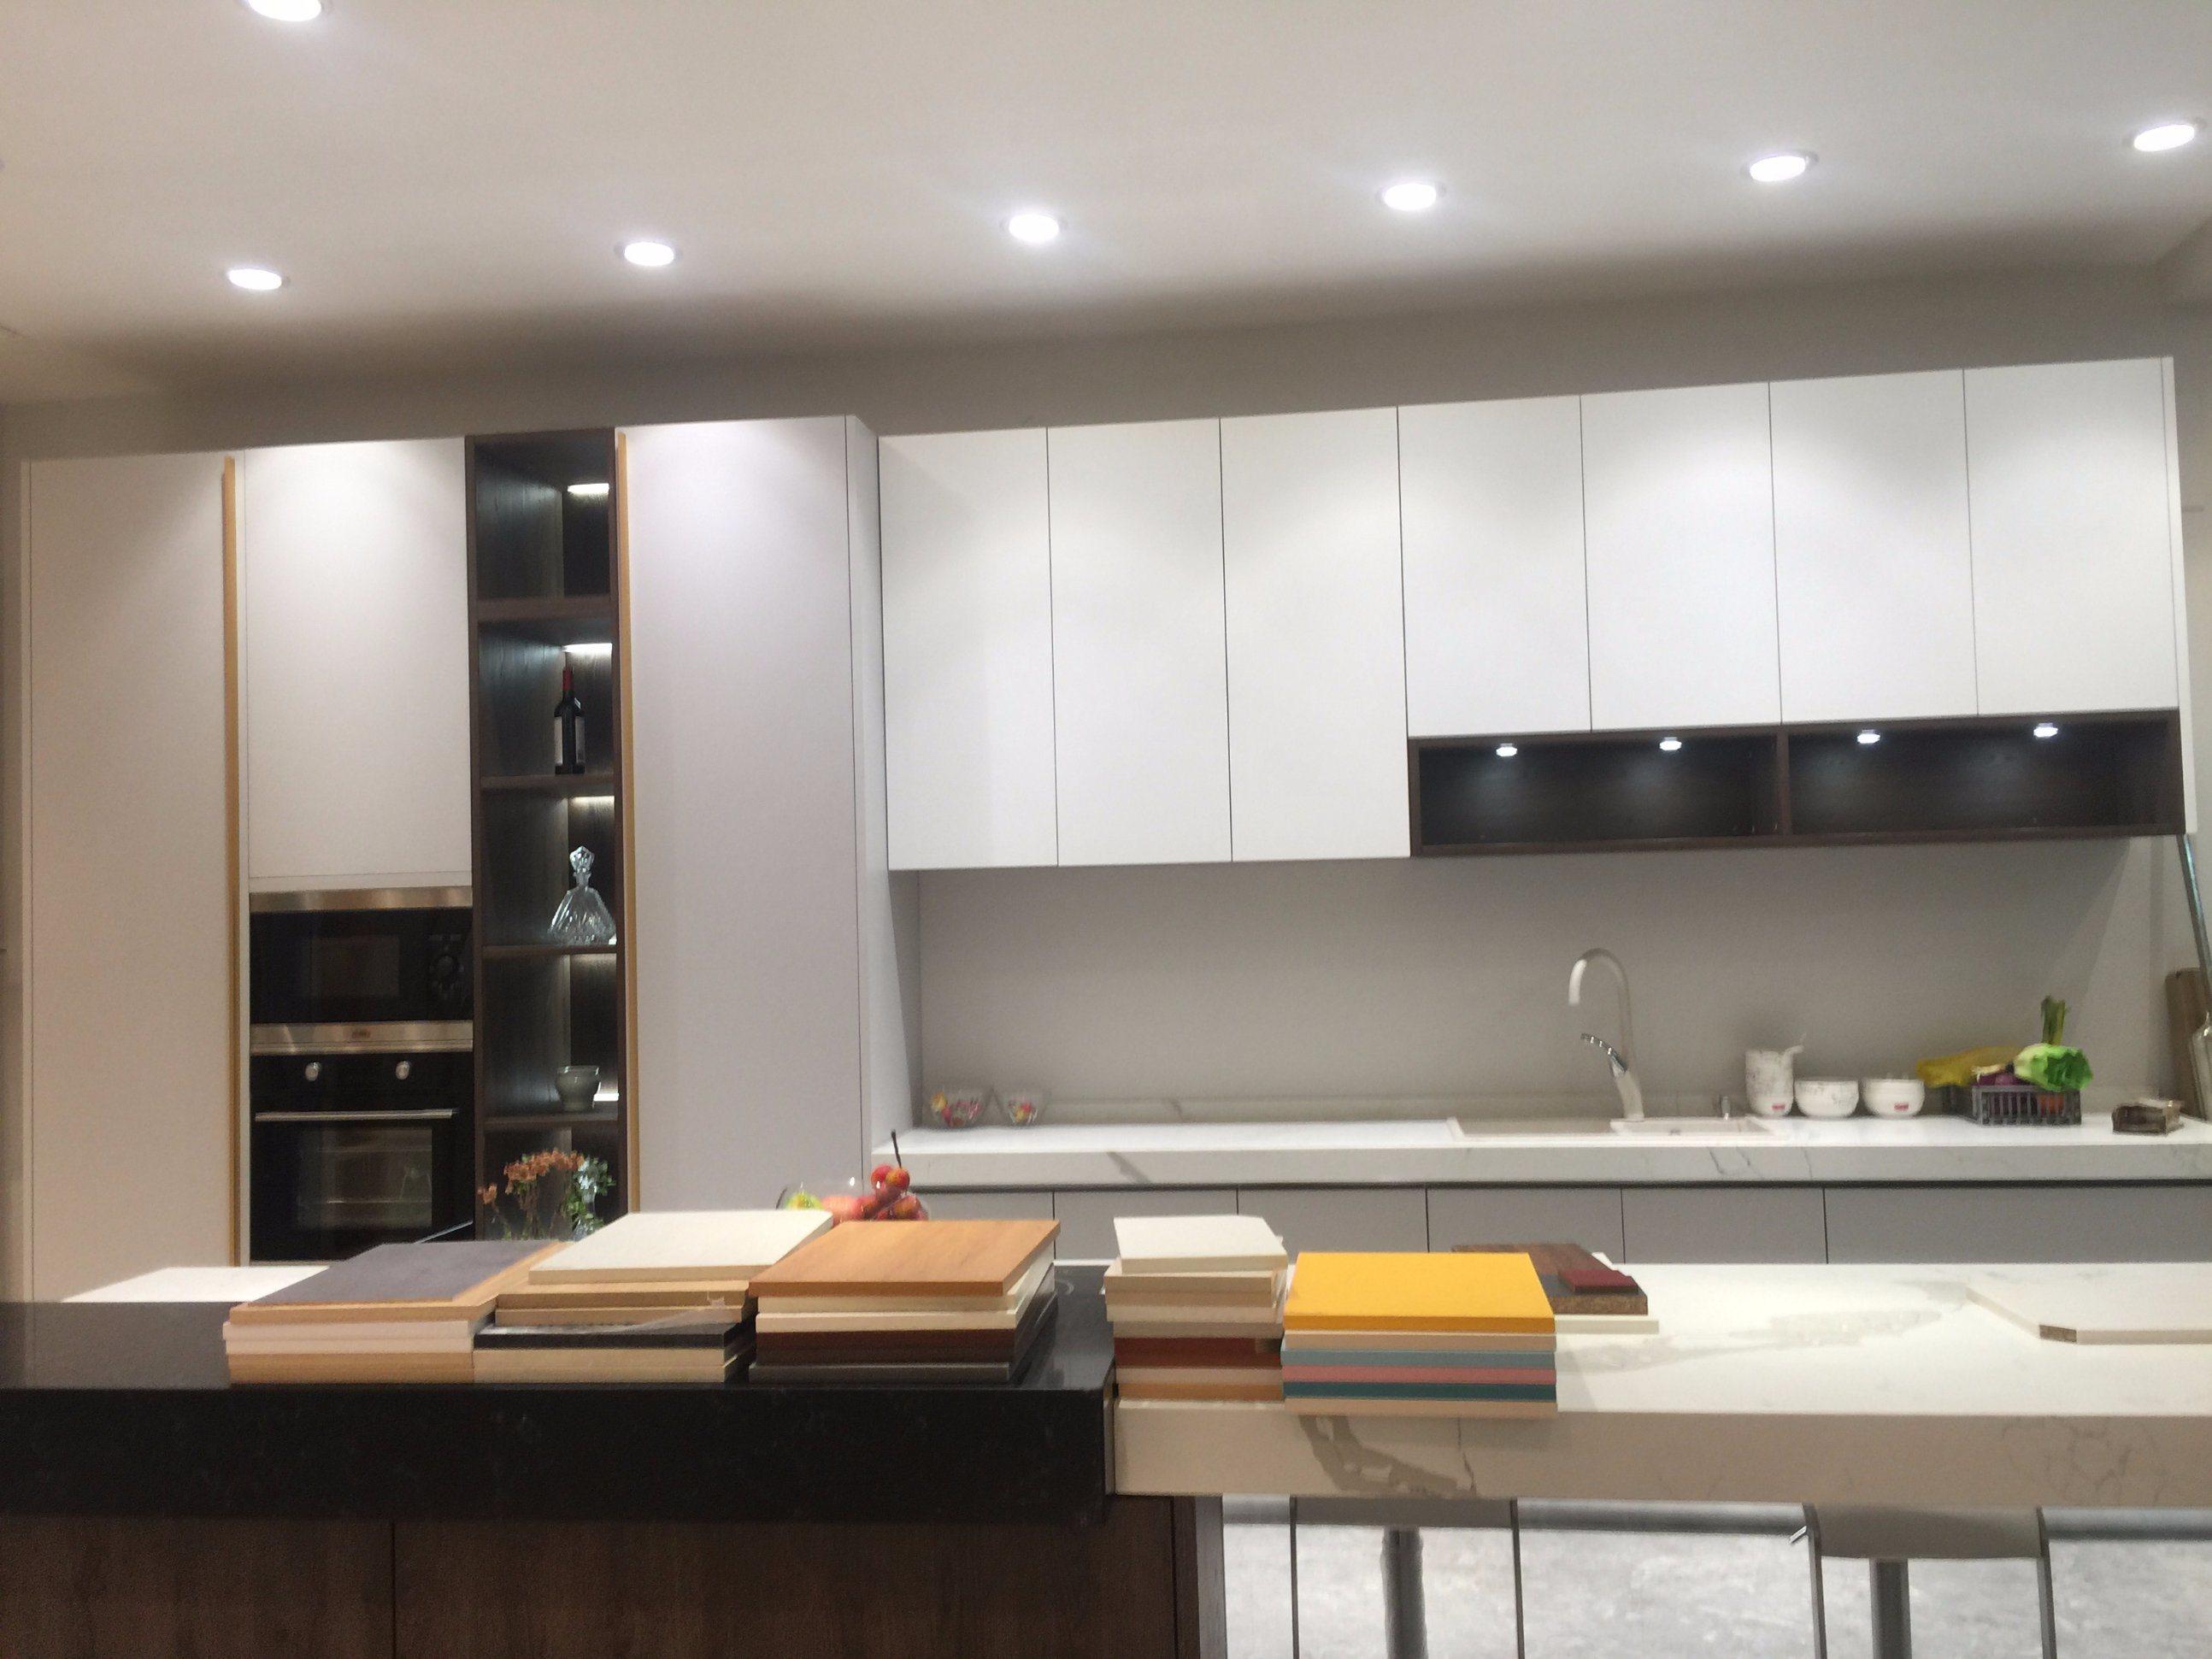 China High Gloss White Kitchen Furniture Cabinet With E0 E1 Grade Acs2 L191 China High Gloss Kitchen Cabinet E0 E1 Grade Kitchen